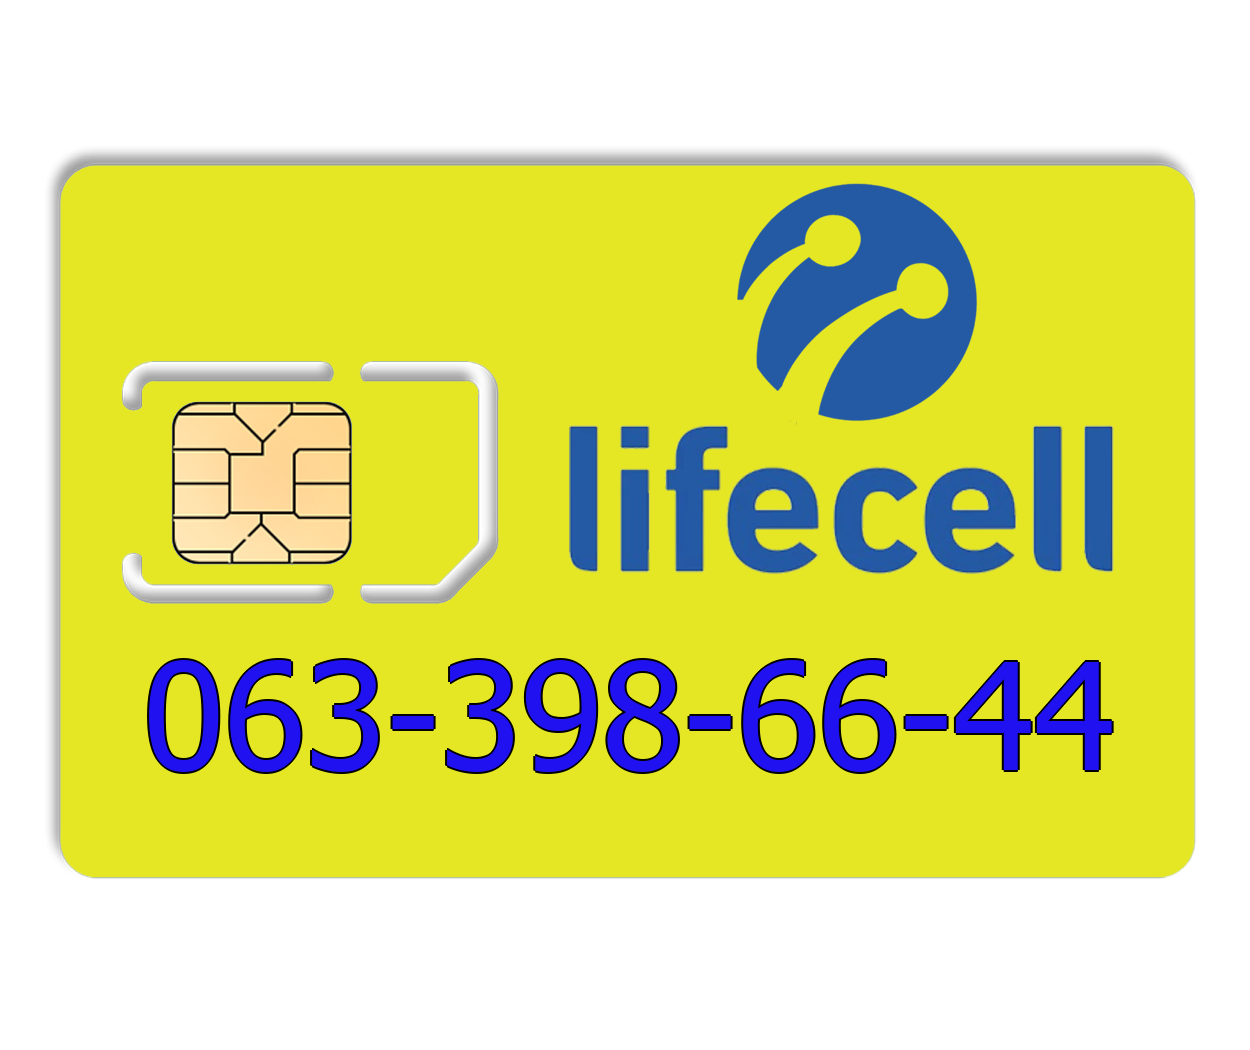 Красивый номер lifecell 063-398-66-44